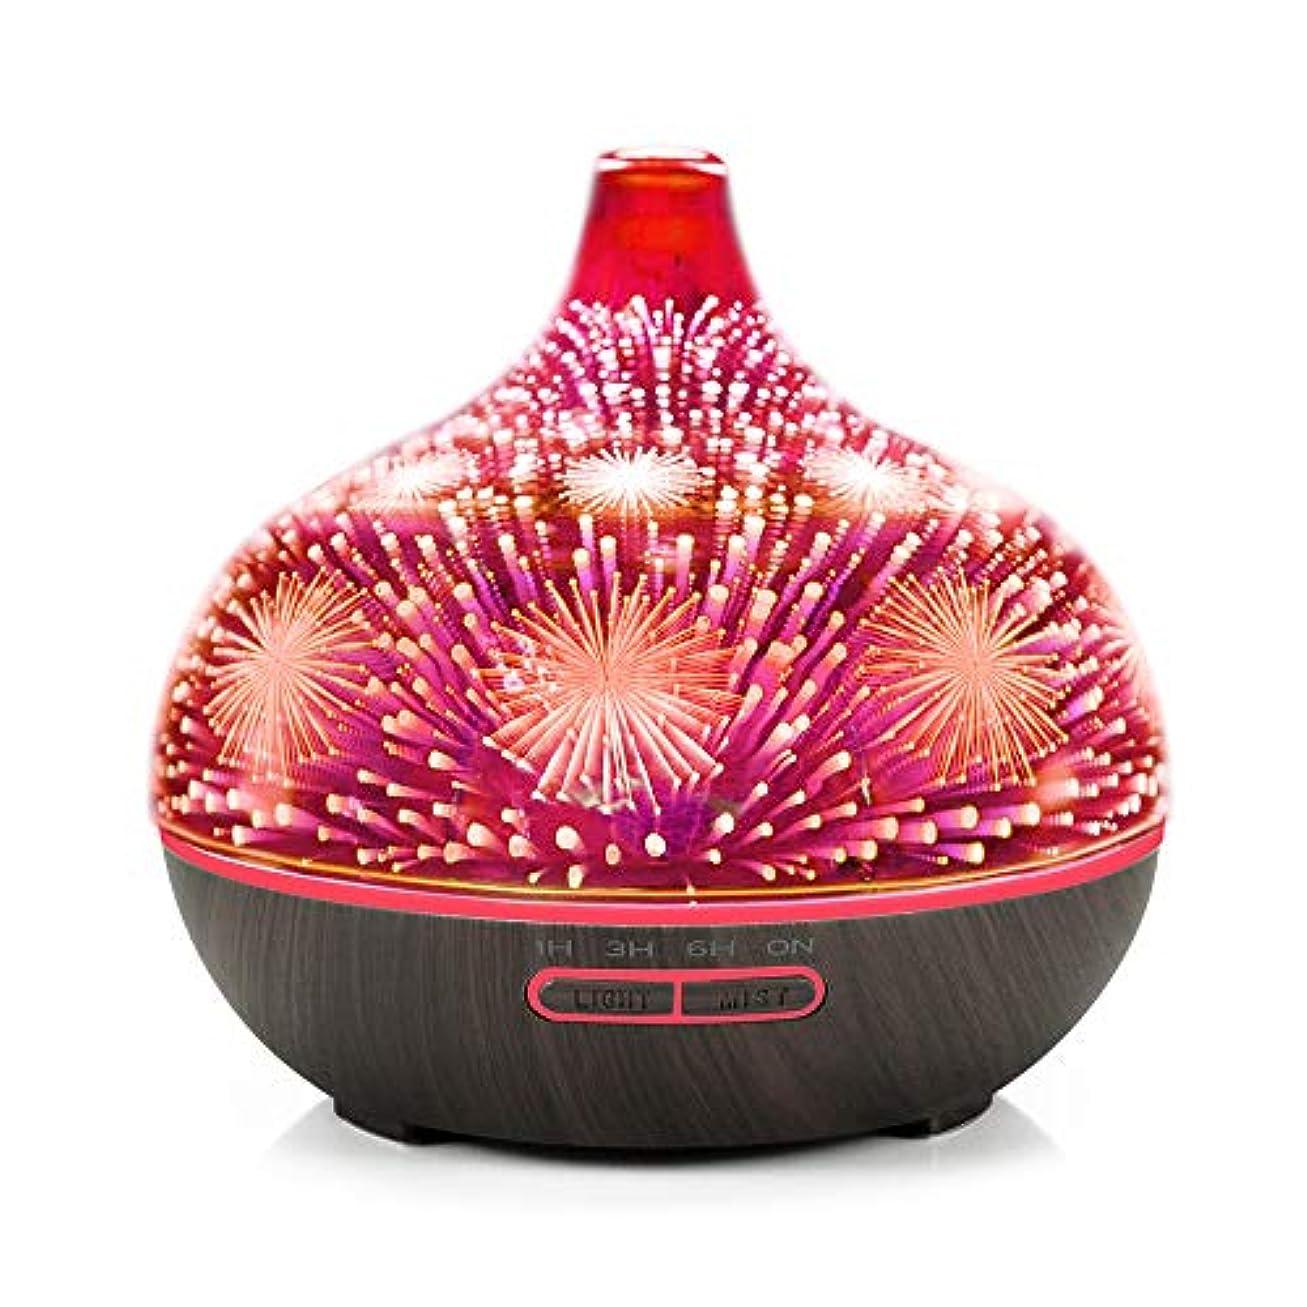 意味する概要公演Decdeal アロマディフューザー 3Dガラス アロマセラピー 加湿器 7色LEDライト付き 自動シャットオフ ブラックウッドパターンベース&花火LEDライト